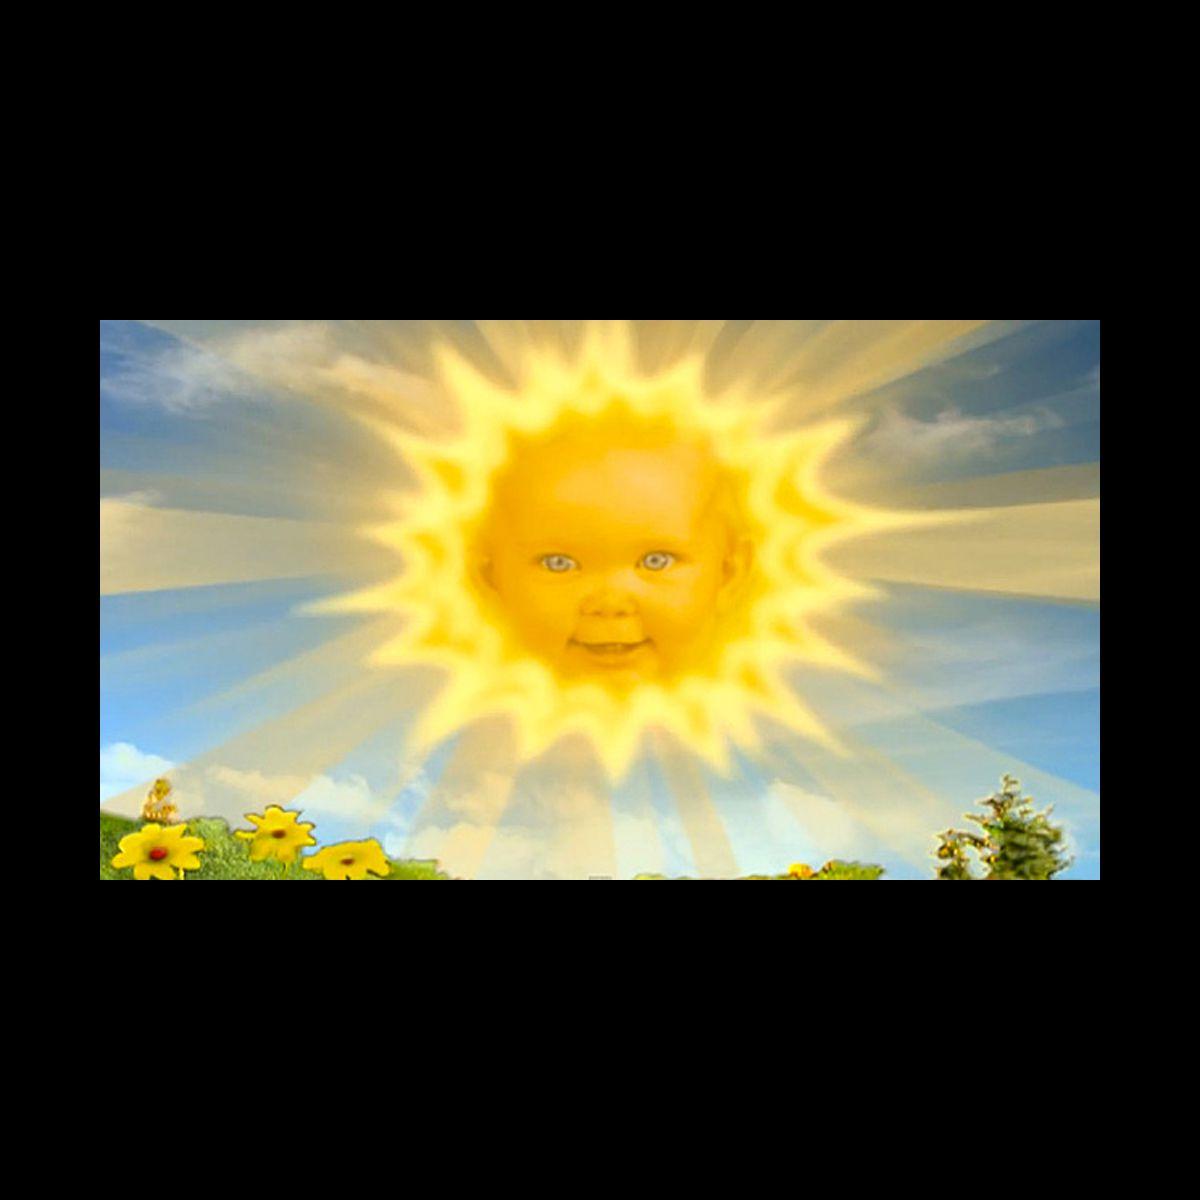 7259d1cf2d655 Le bébé-soleil des Teletubbies dévoile son identité ! - Puremedias